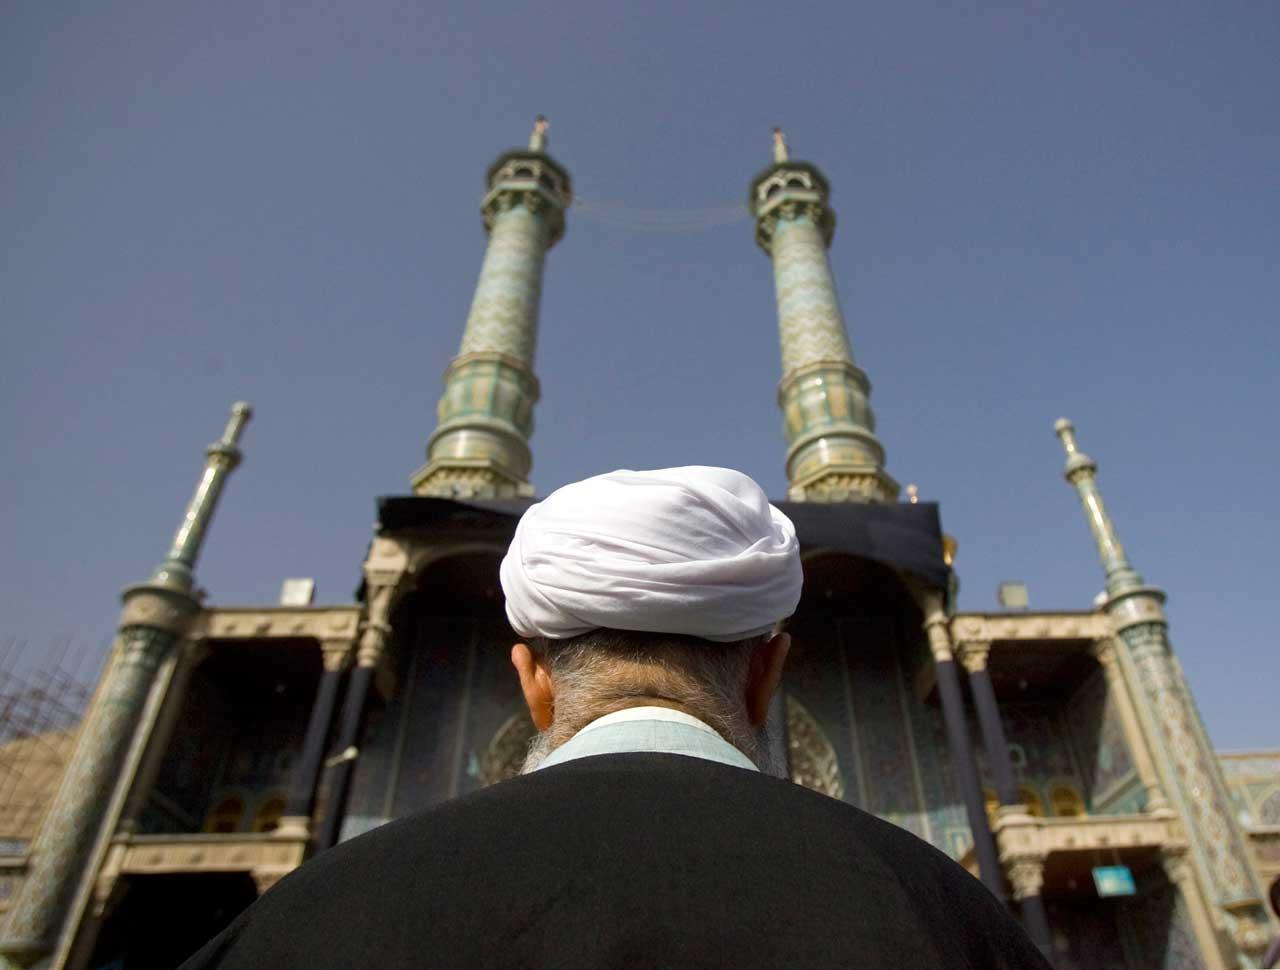 پروژهی برساختن «اسلام سیاسی میانهرو» شکست خورده است